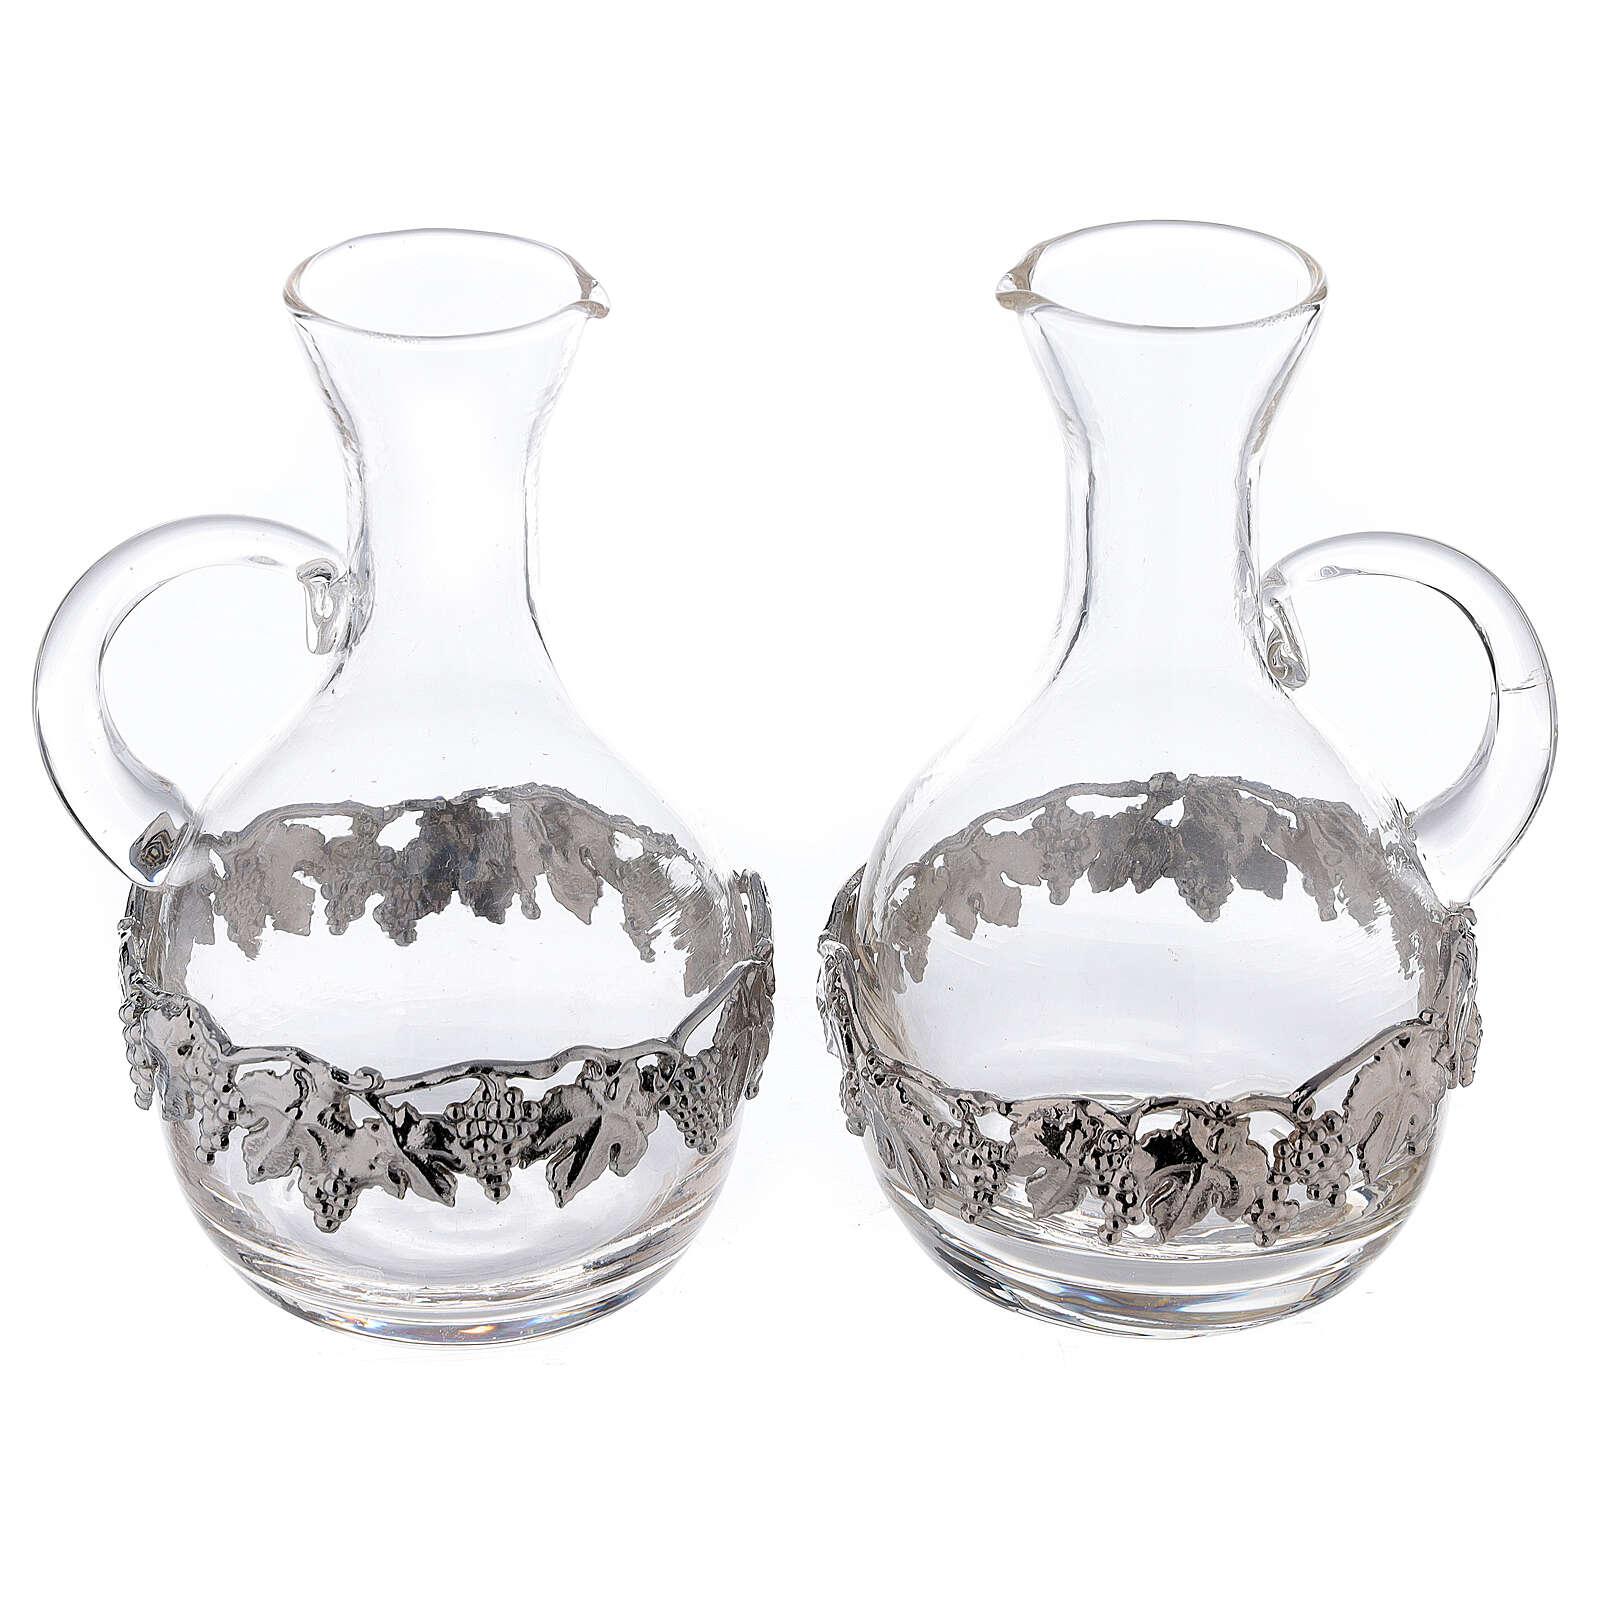 Pareja vinajeras vidrio y latón Venecia 200 ml 4